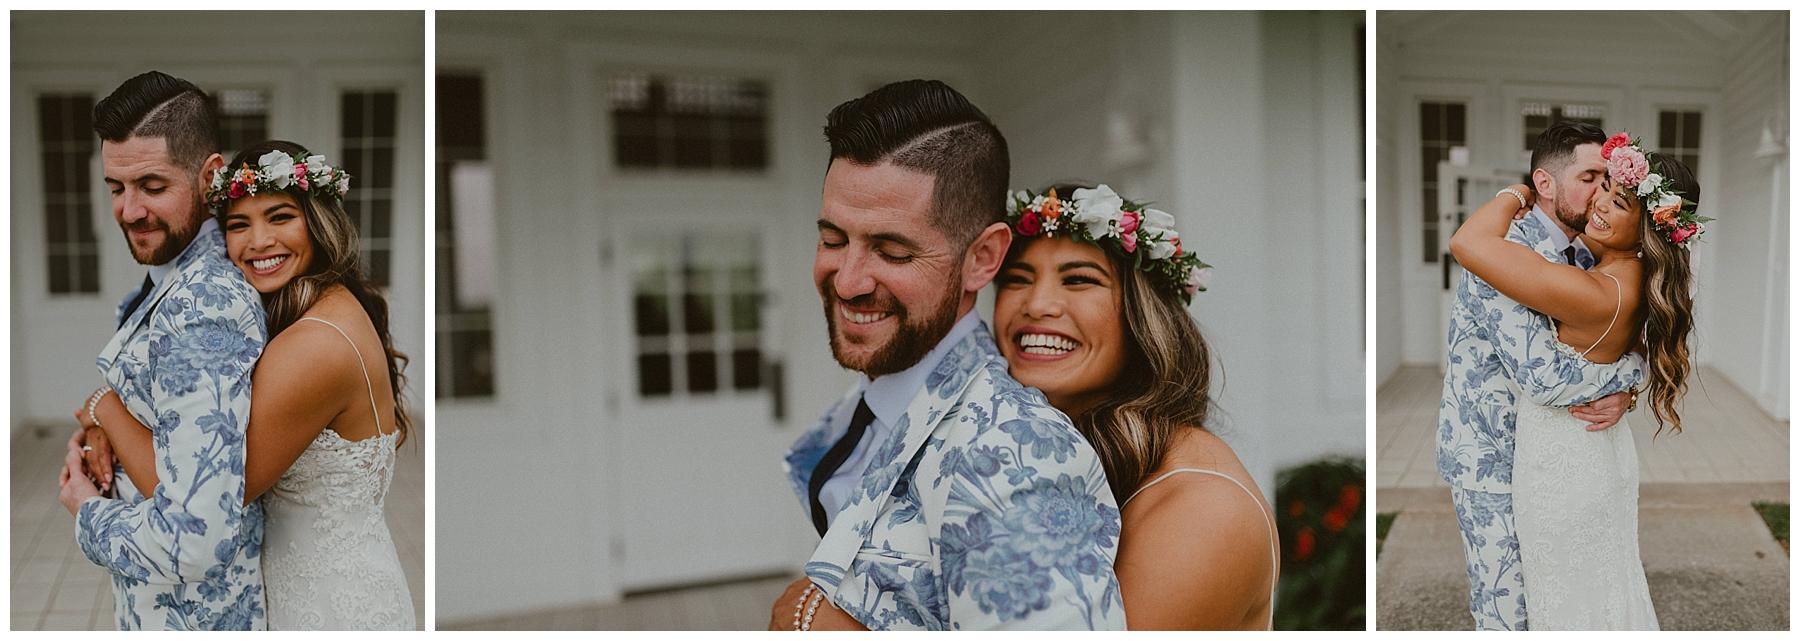 Bliss in Bloom Kailua Kona Hawaii Wedding Event Coordination_0123.jpg